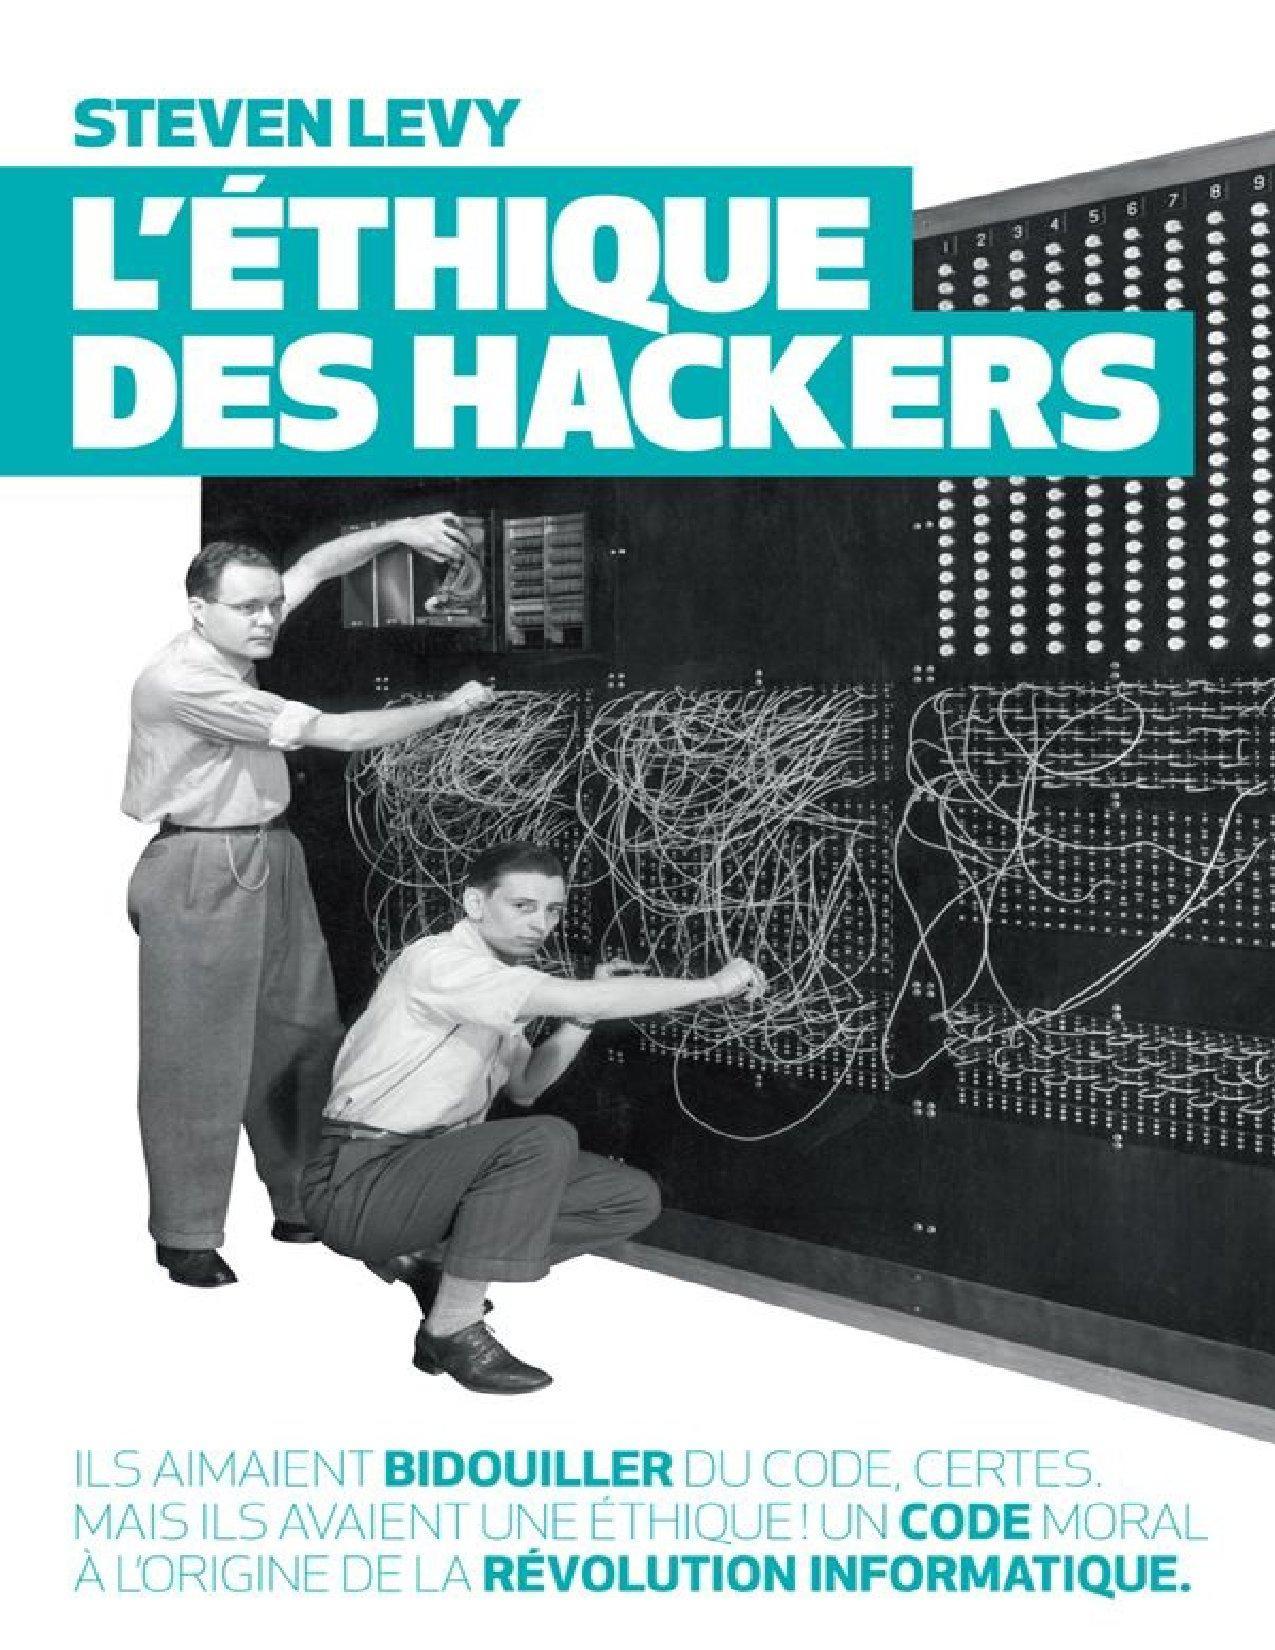 Ethique des hackers